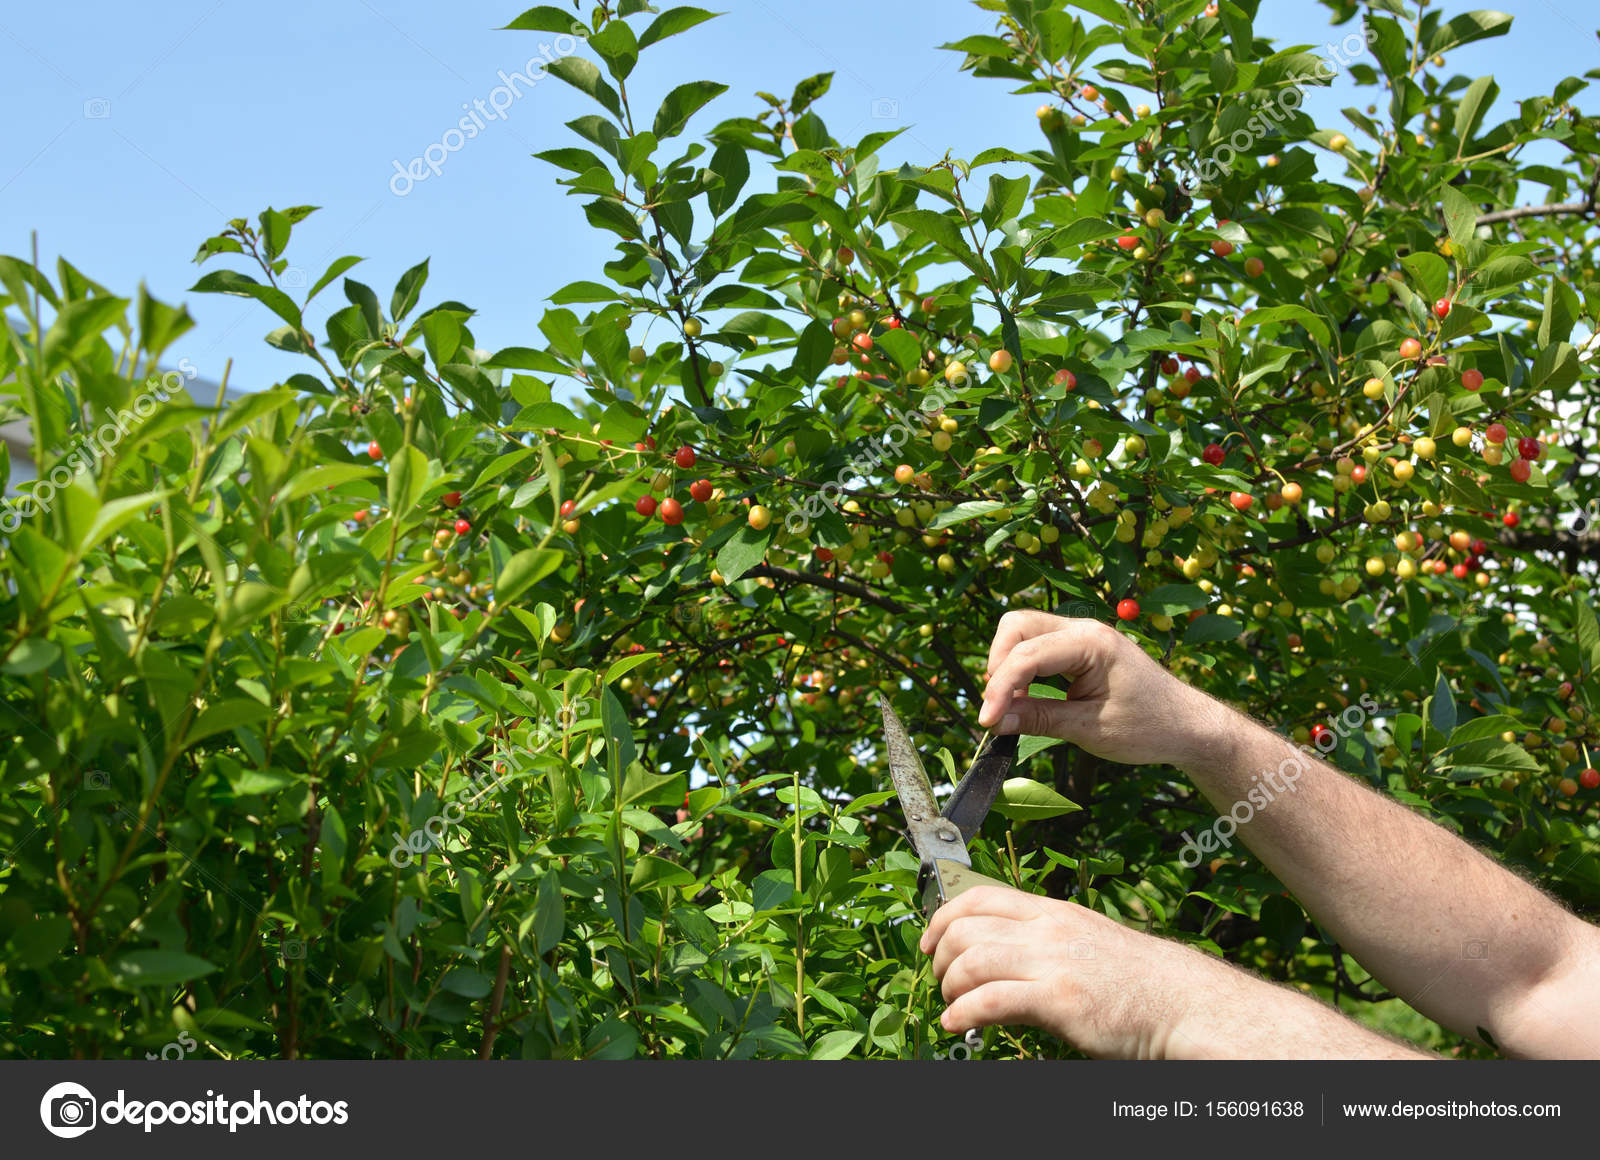 Taglio siepe in una giornata di sole — Foto Stock © Bane.m #156091638